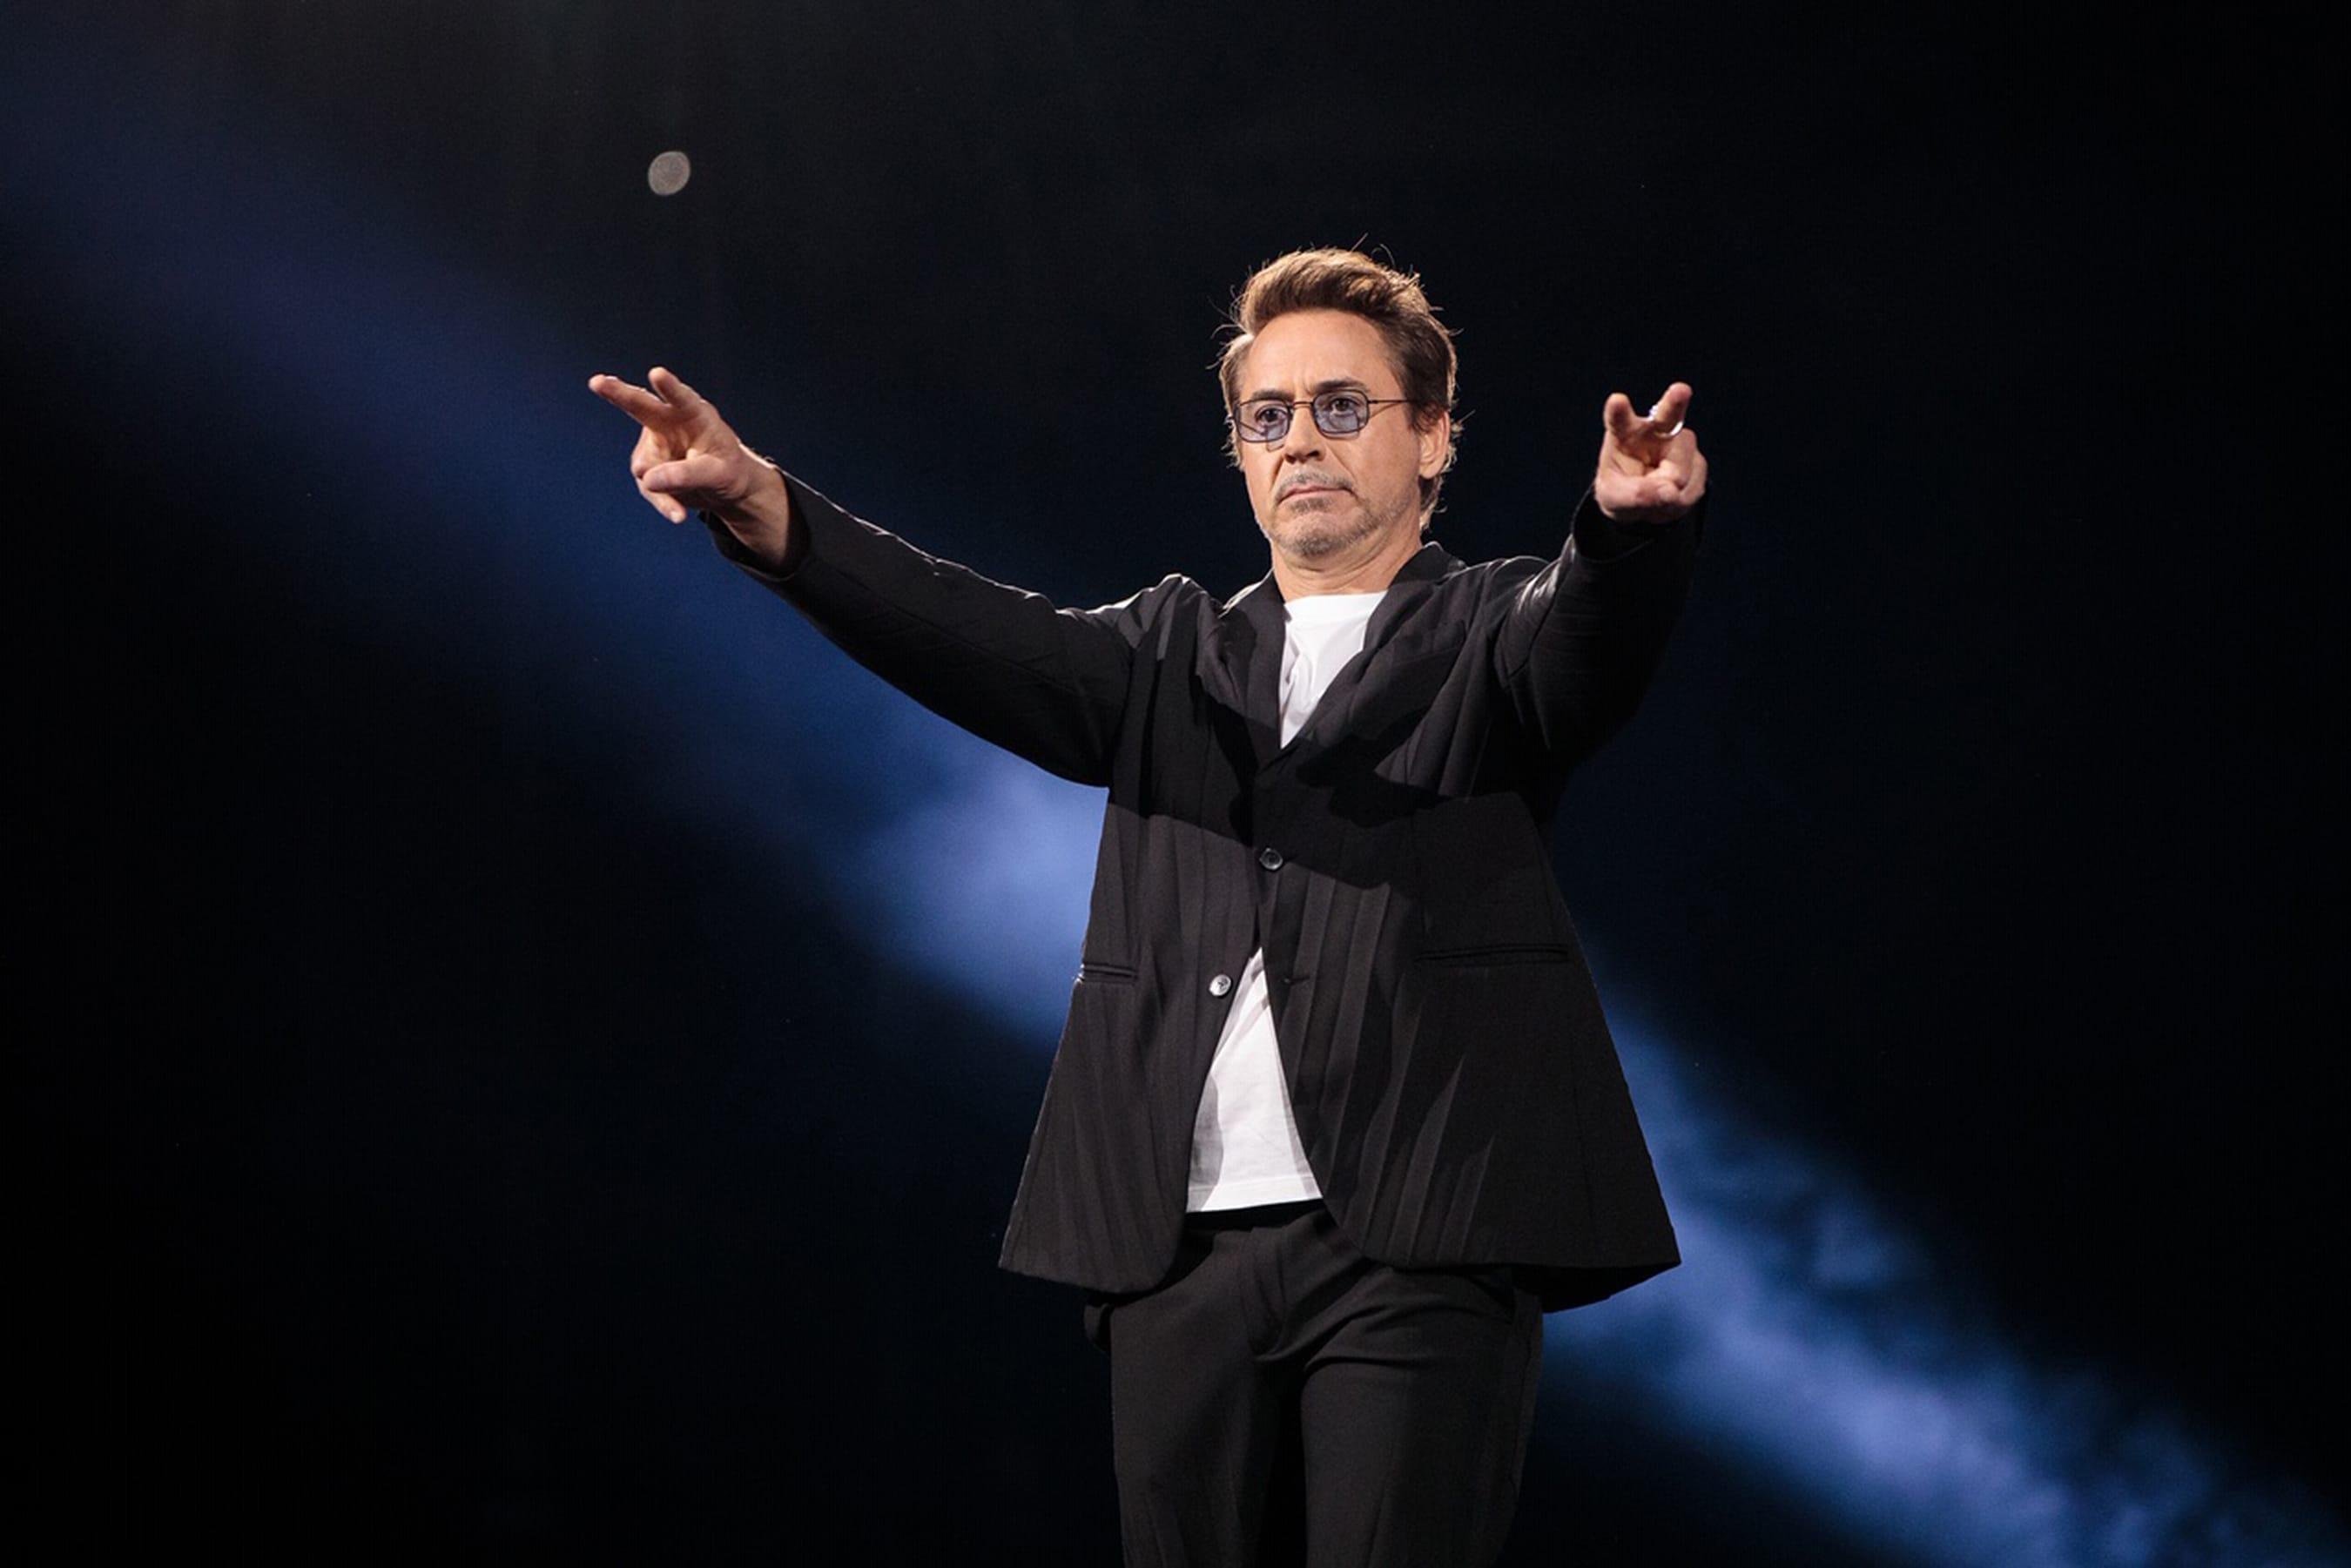 Robert Downey Jr. Gained $75 Million From Avengers: Endgame